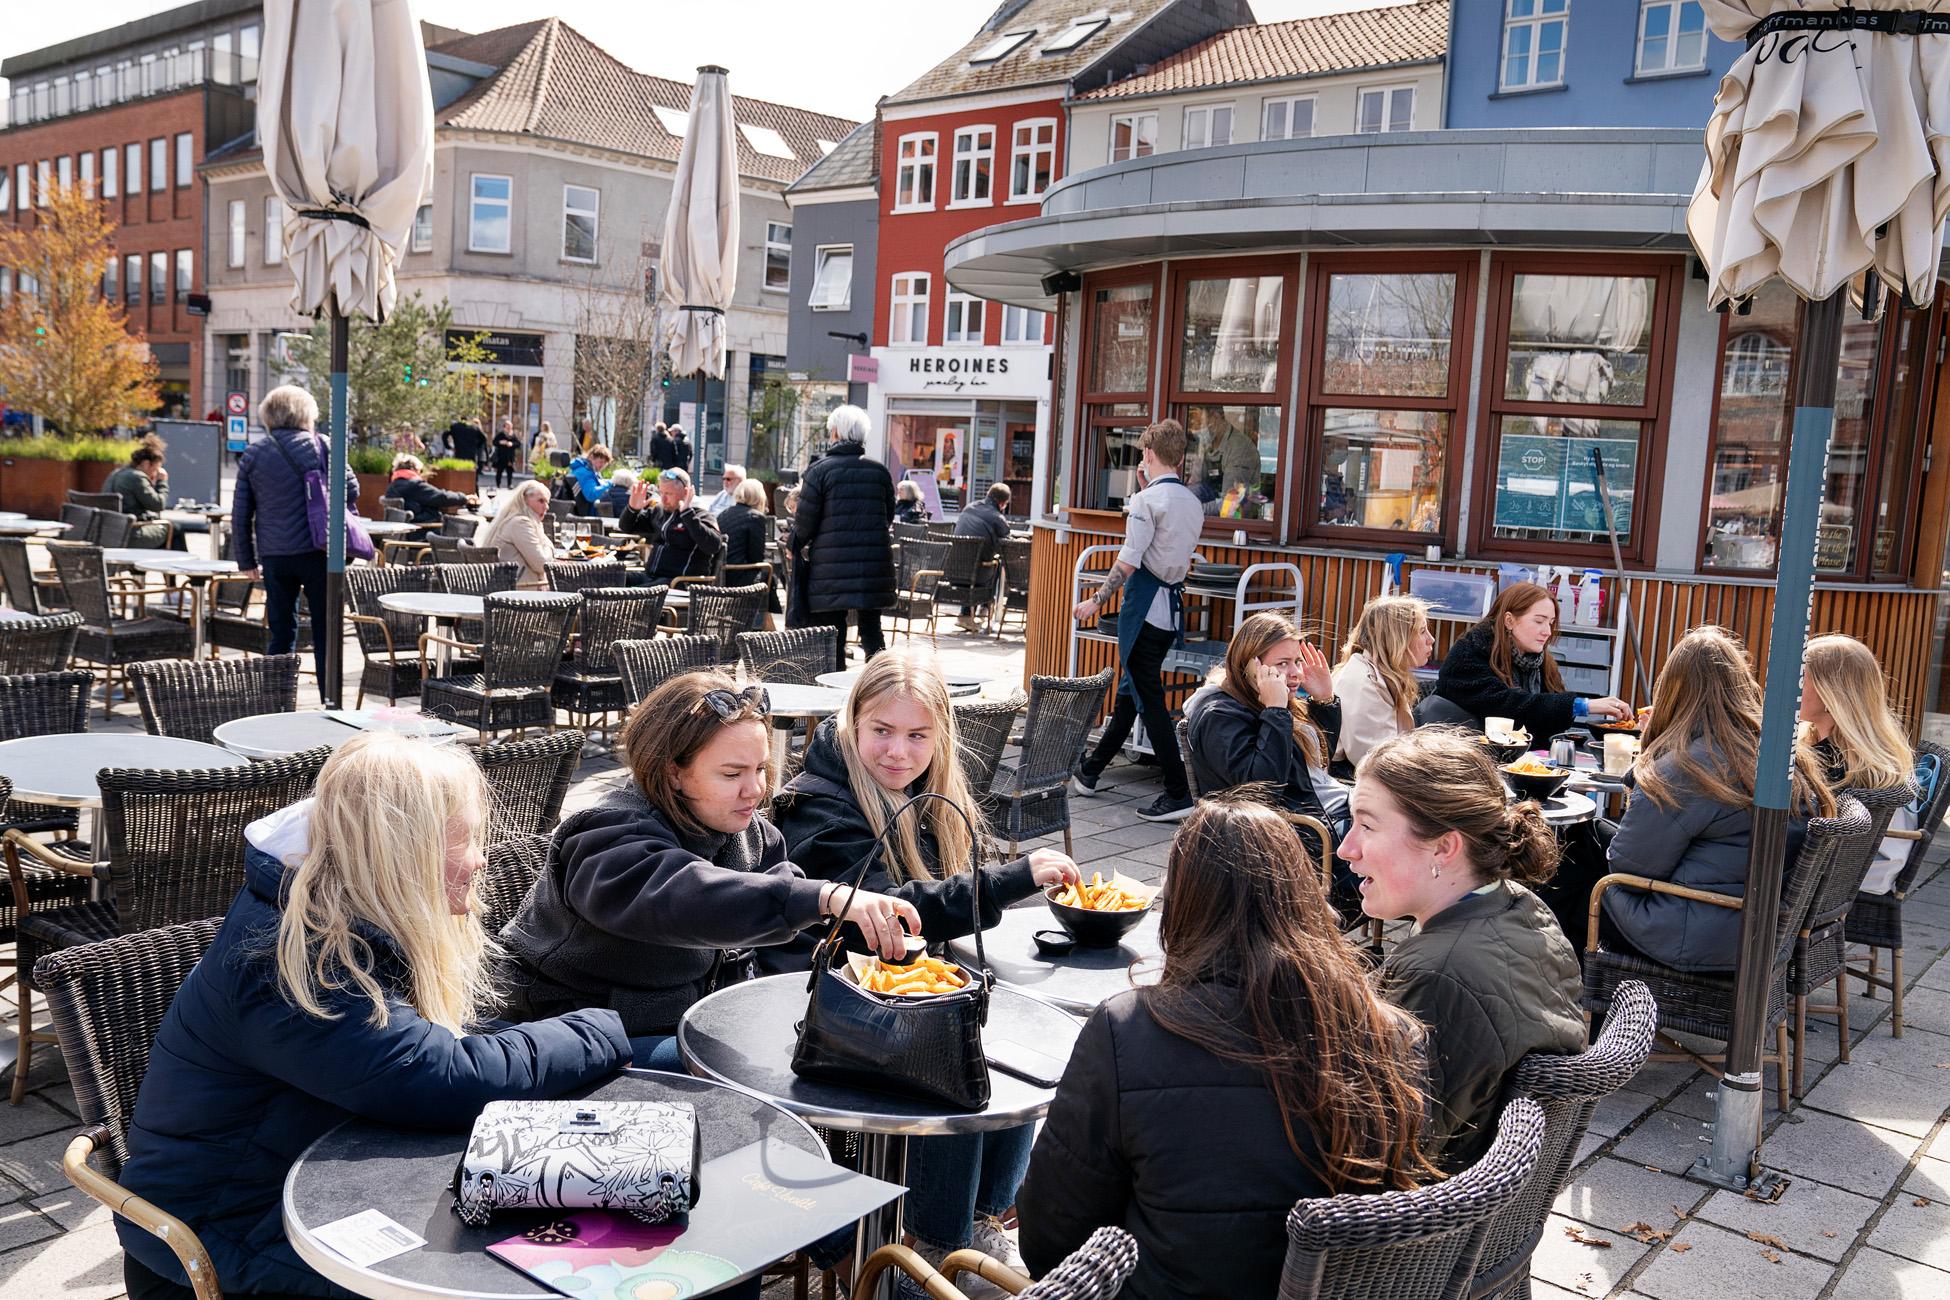 Δανία: Ανοίγουν και πάλι καφέ και εστιατόρια